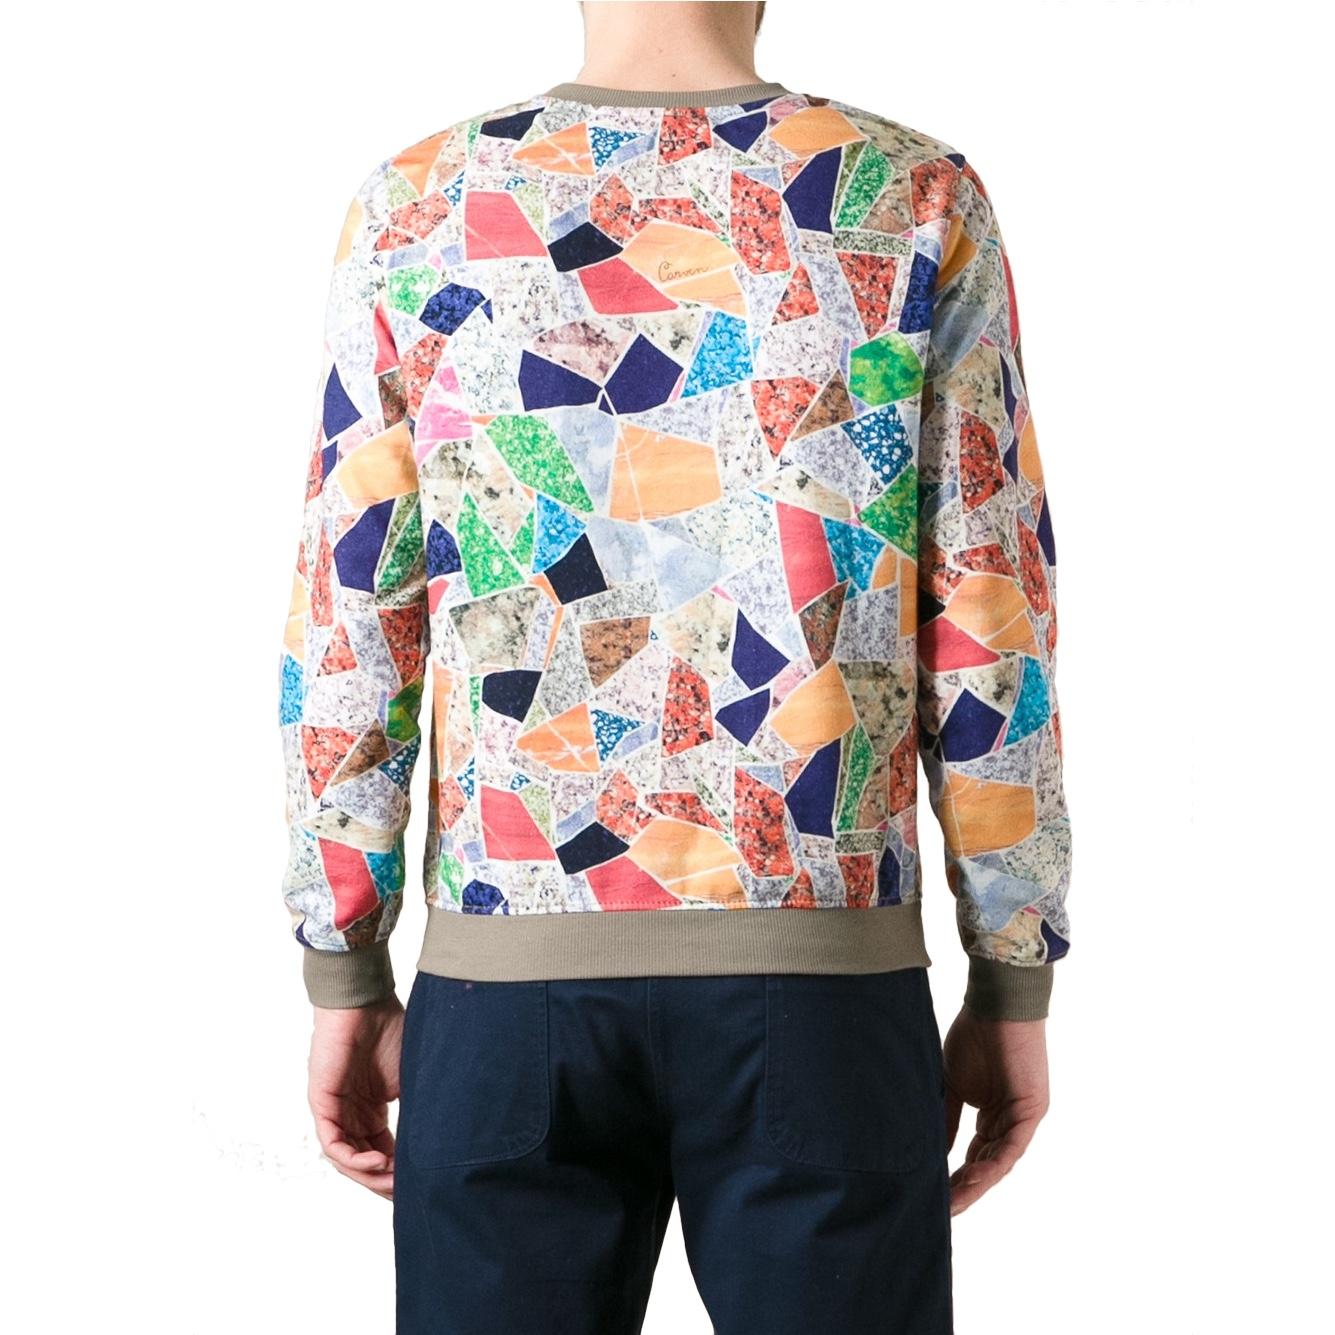 carven-multicolor-terrazzo-sweatshirt-product-1-17113978-3-343638852-normal.jpg